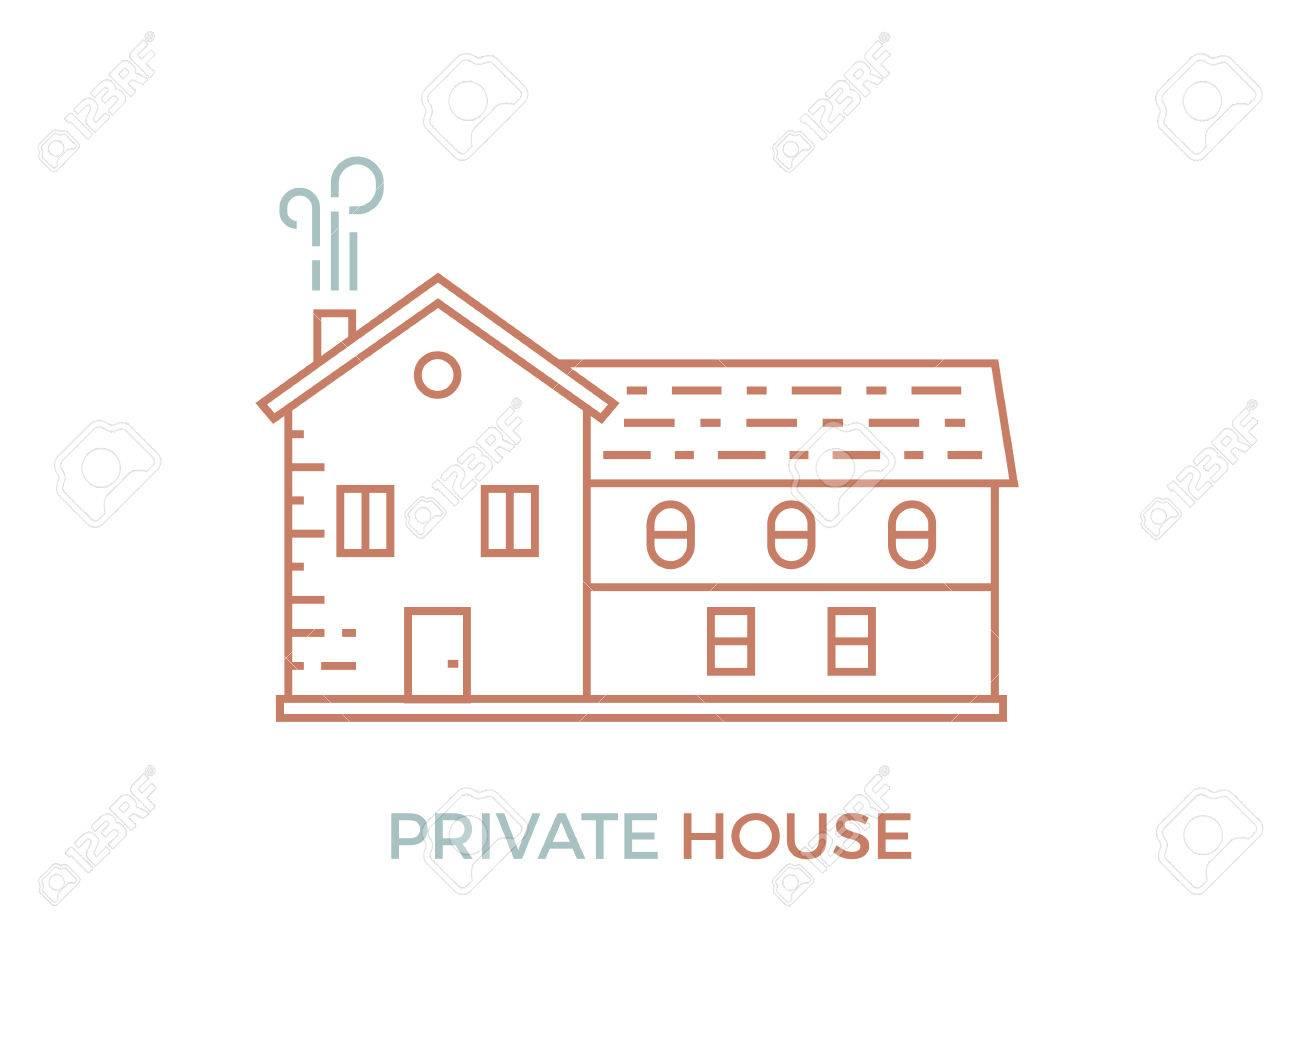 行家個人の家のシンプルなイラストのイラスト素材ベクタ Image